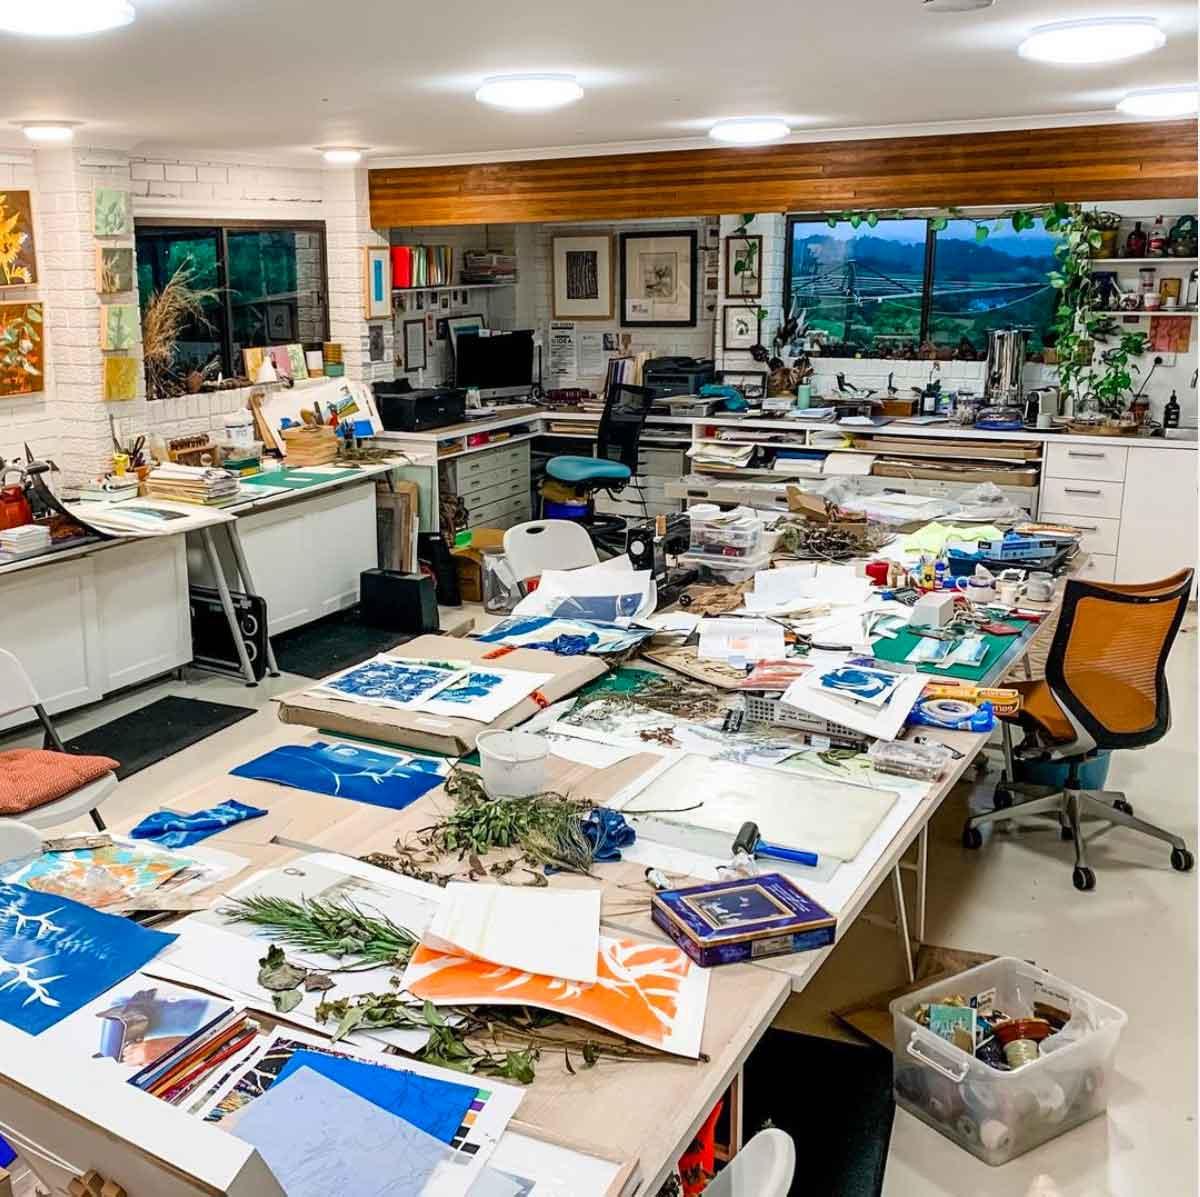 my studio, 5am New years Day 2021